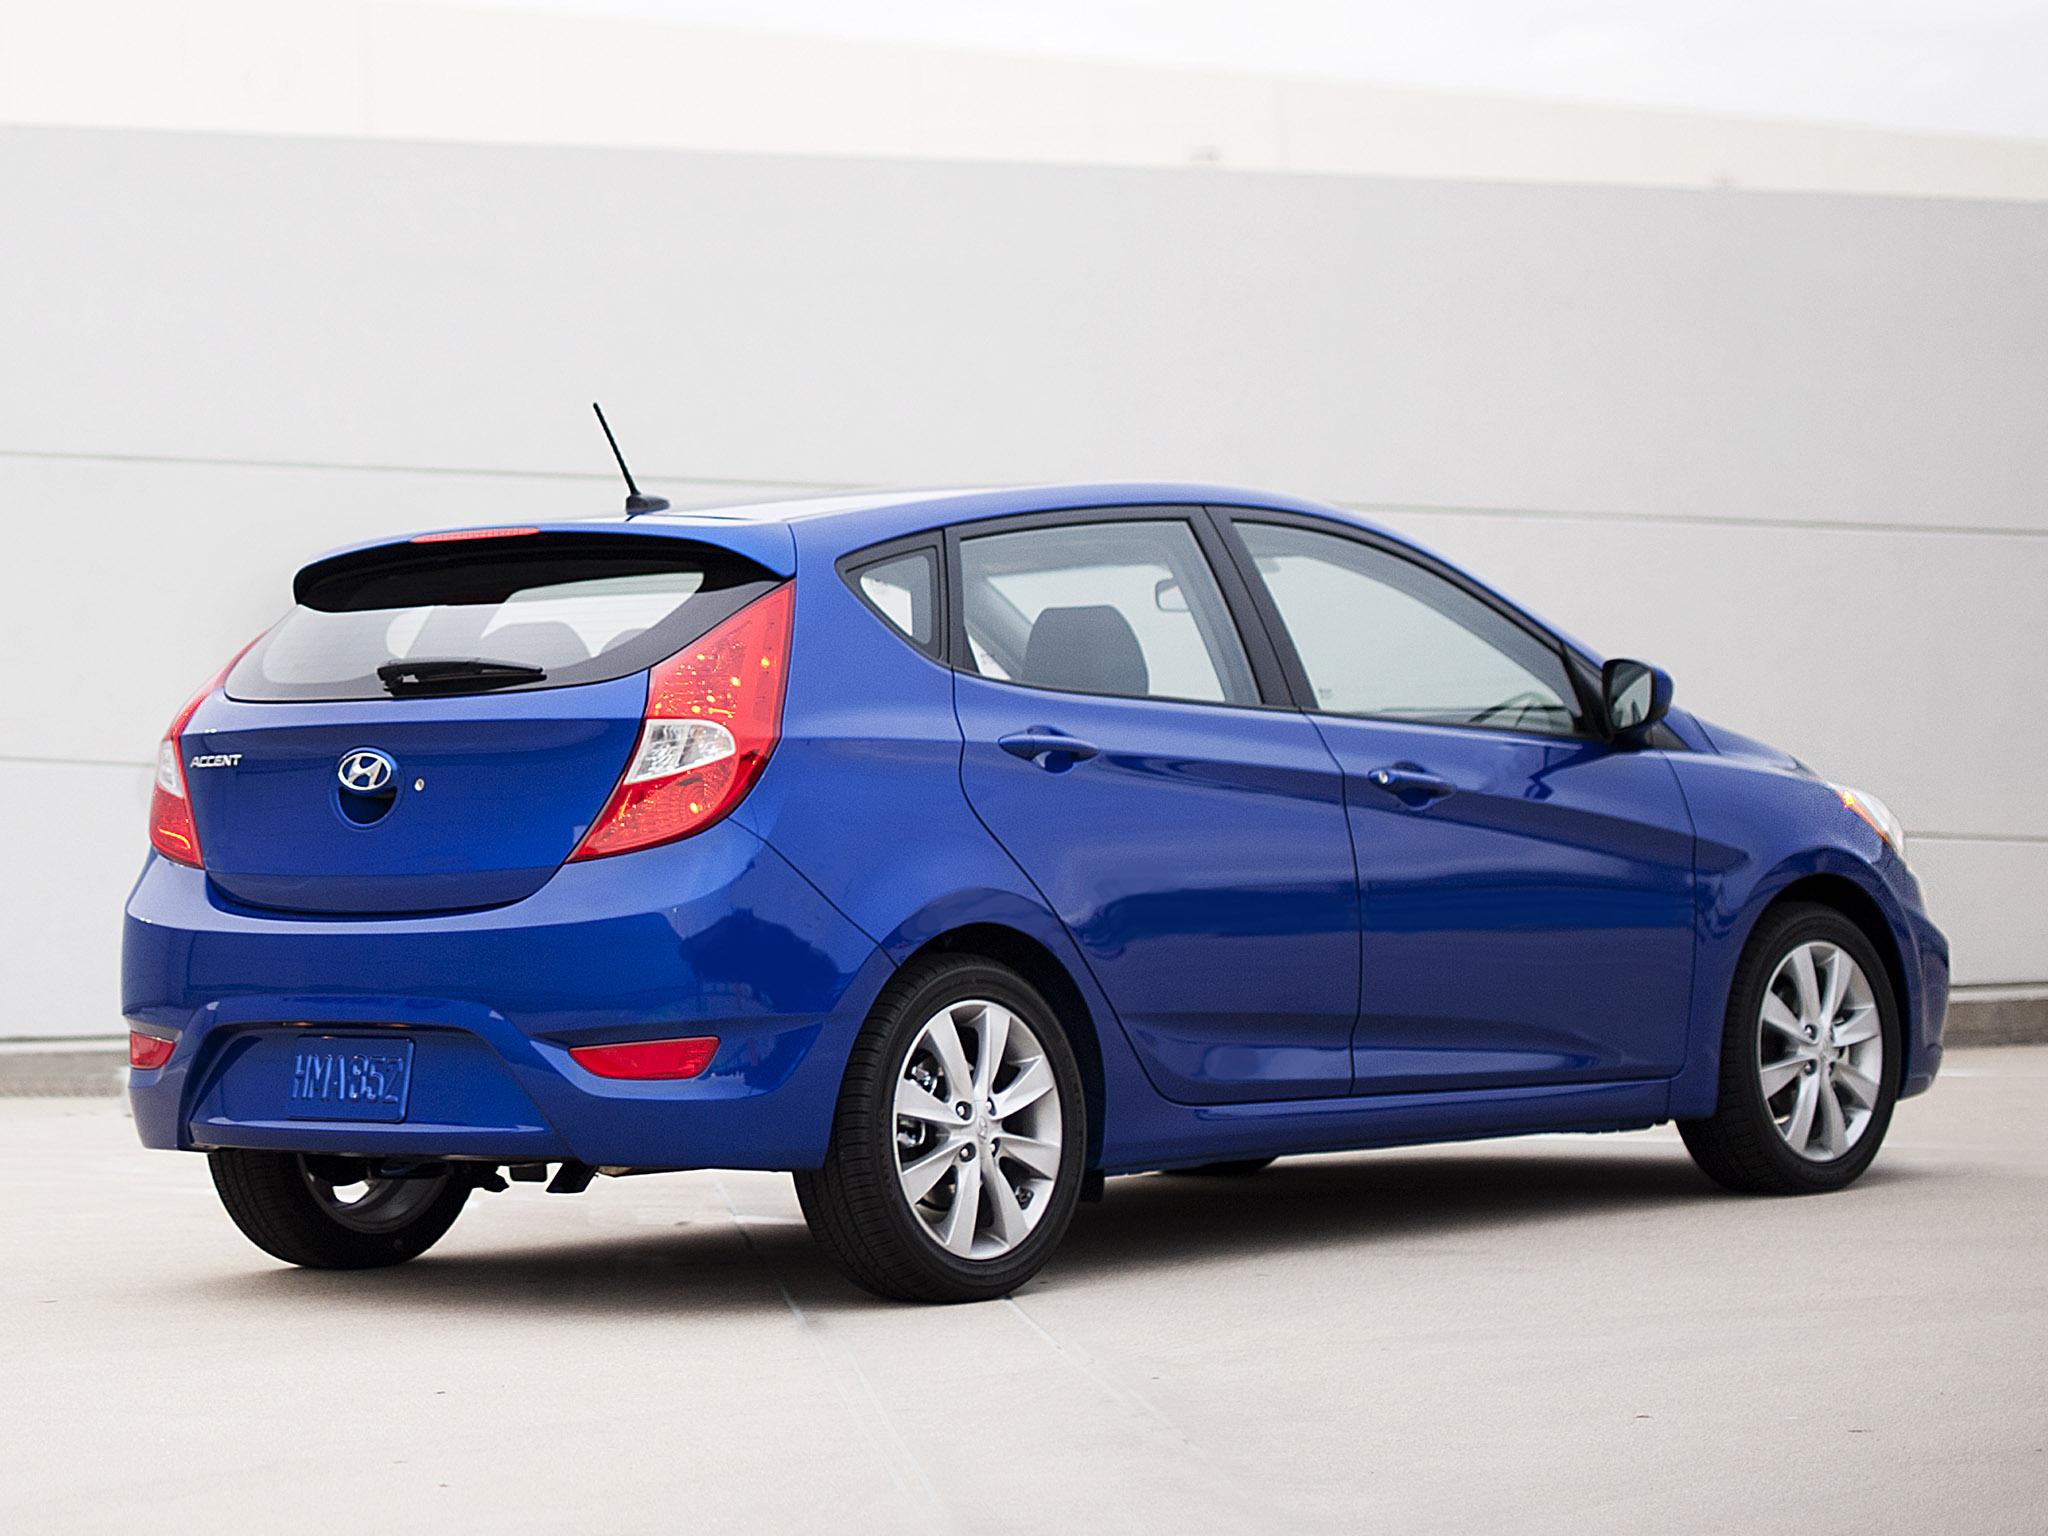 2011 Hyundai Accent Autos Post